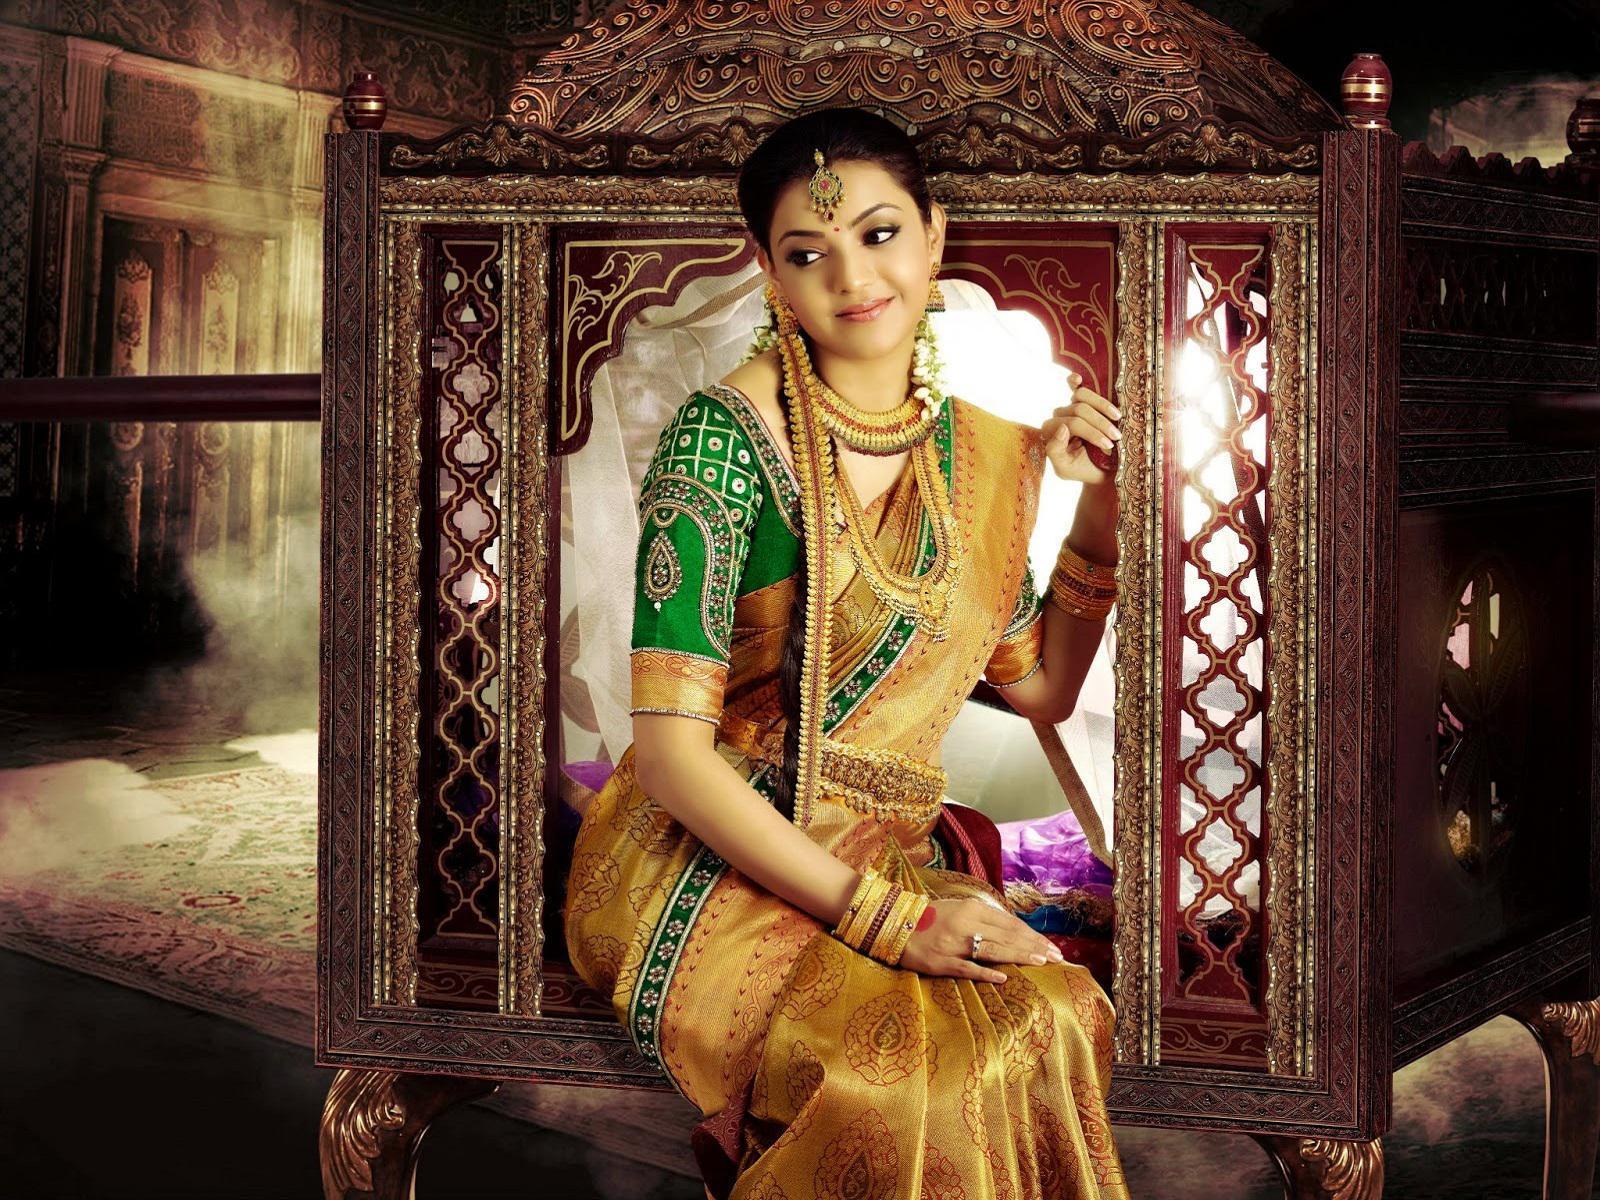 Kajal Agarwal Silk Saree - Pattu Latest Wedding Sarees Collection - HD Wallpaper